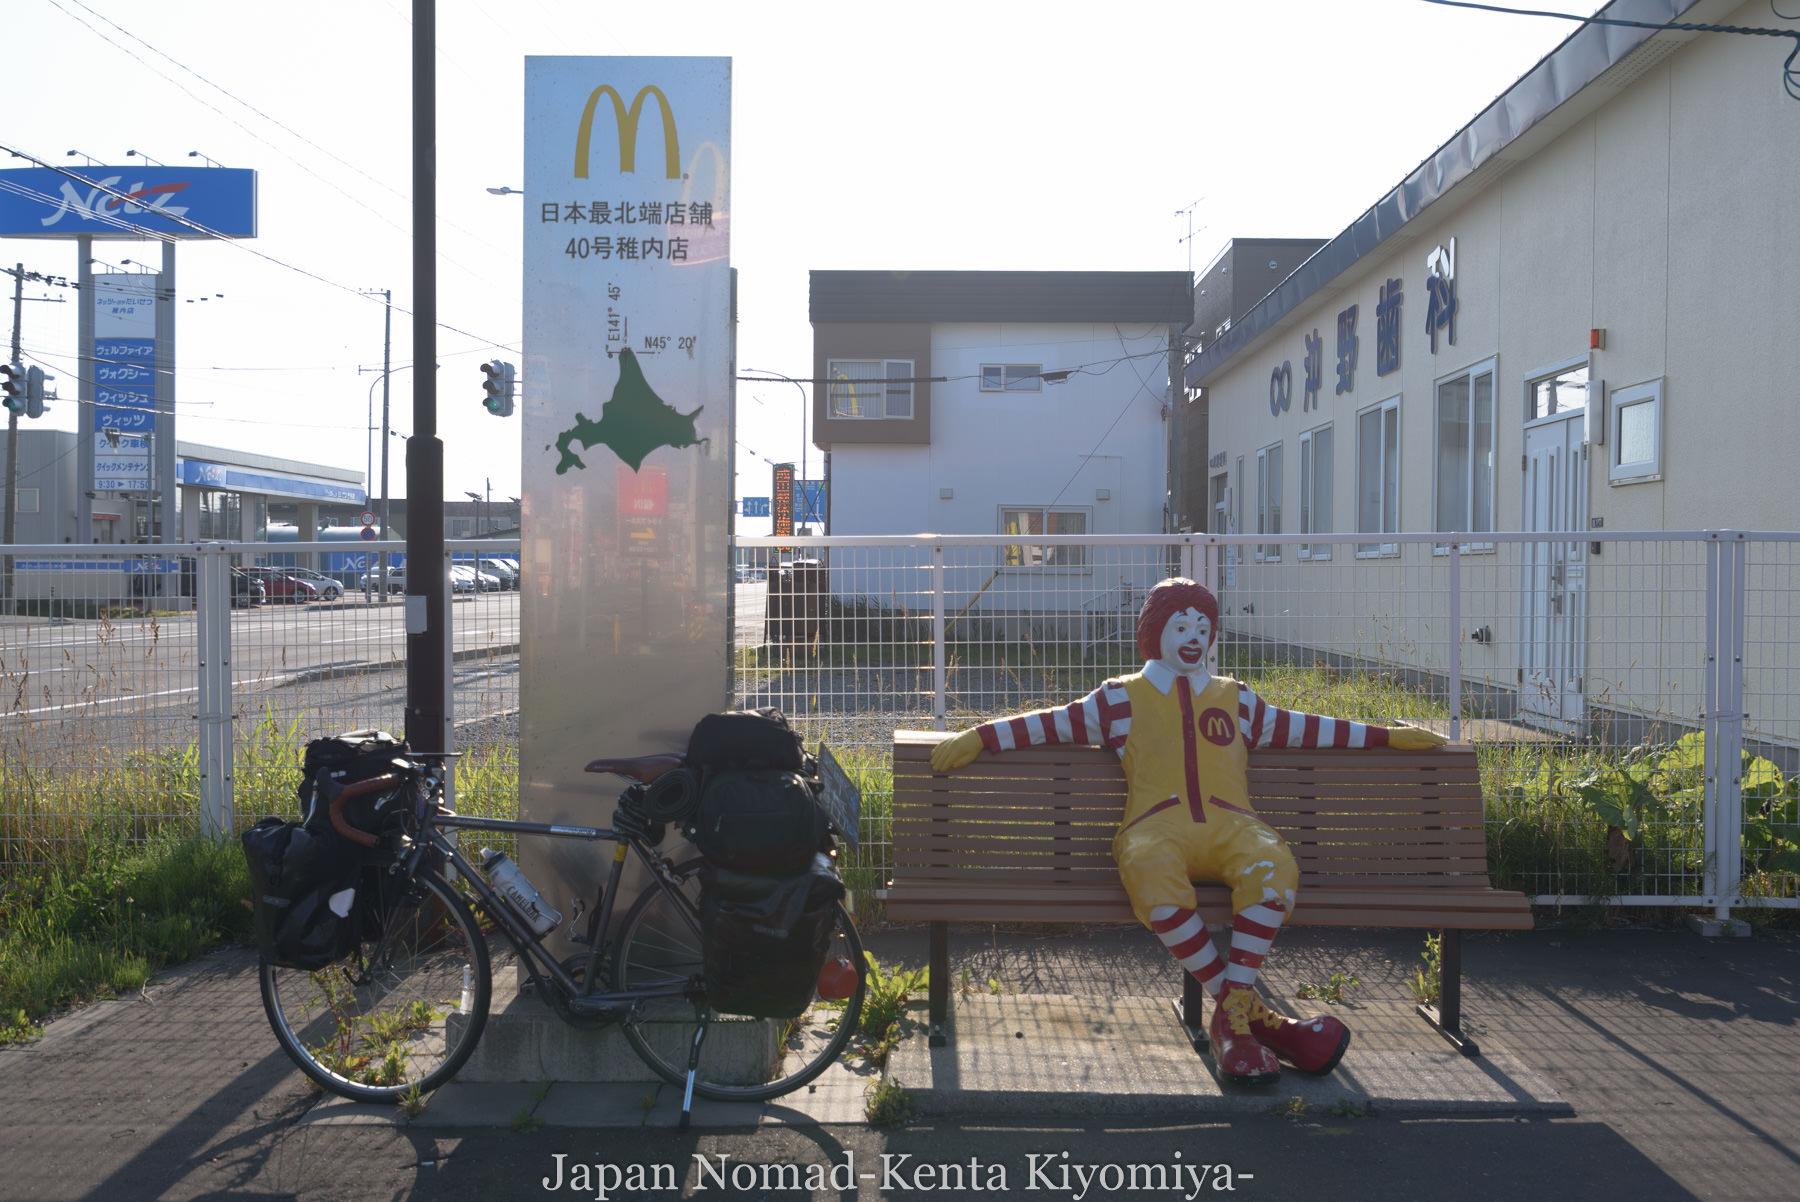 自転車日本一周89日目(宗谷岬、クッチャロ湖)-Japan Nomad (1)